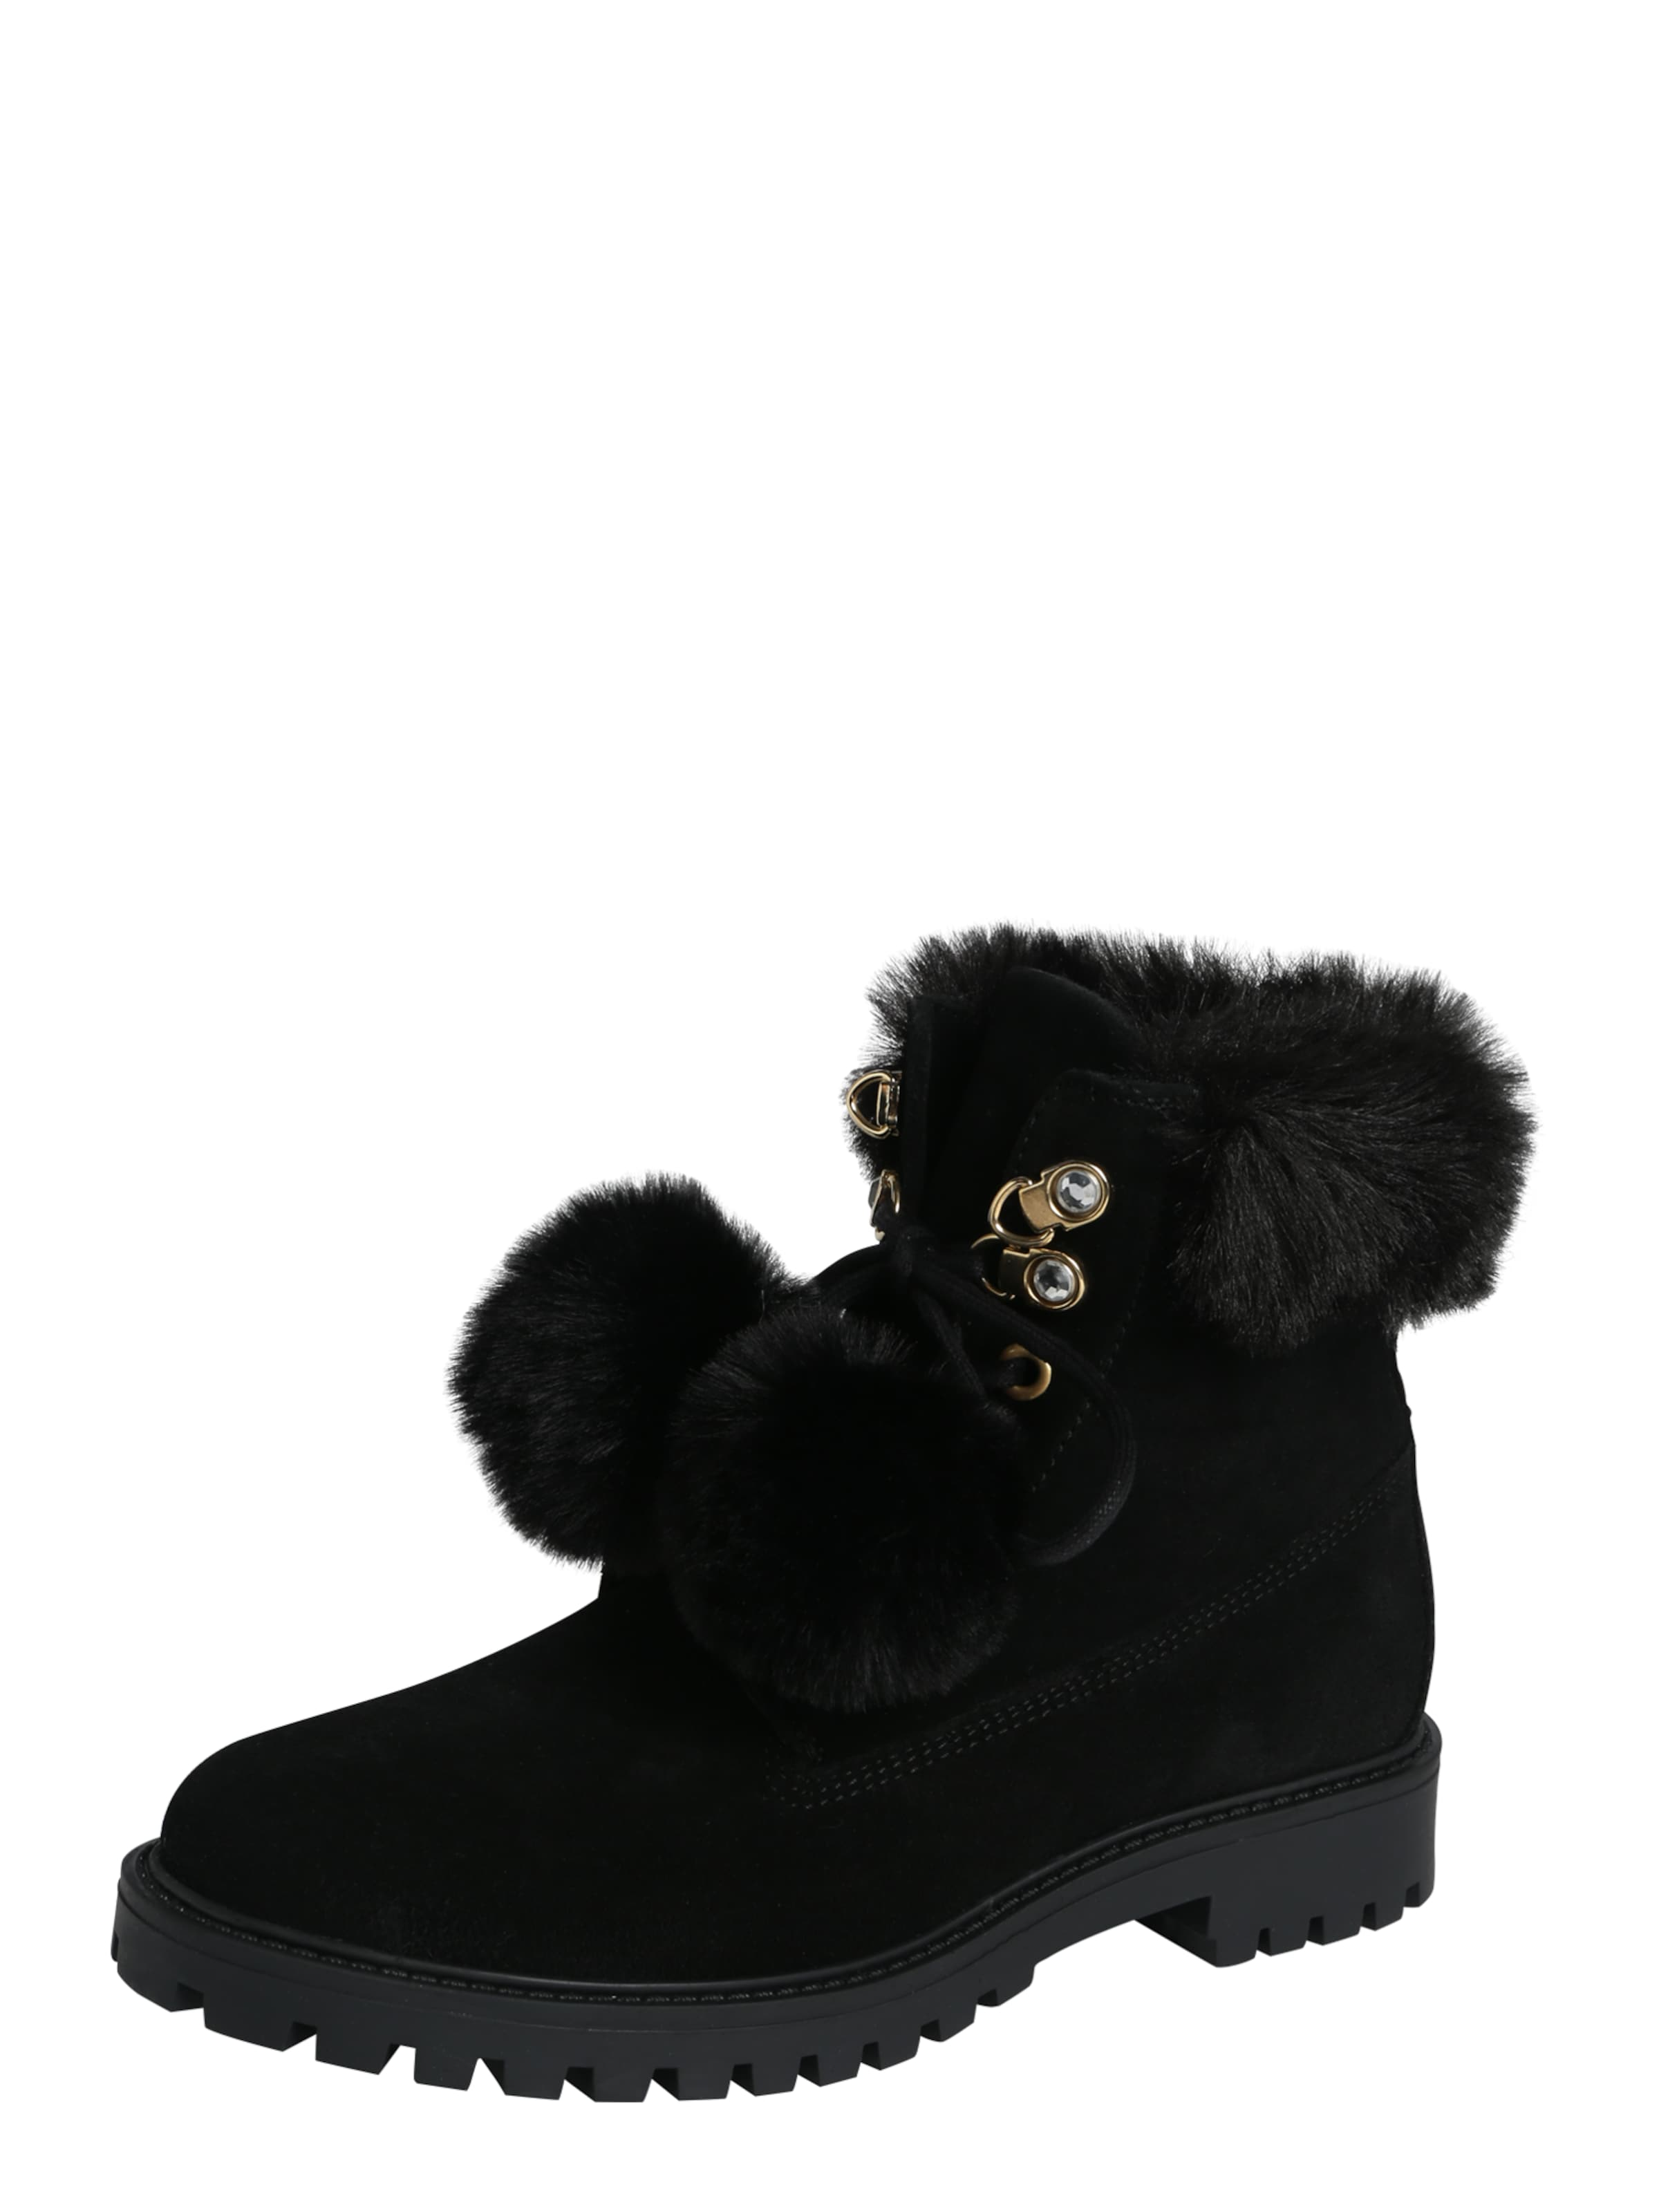 GUESS Stiefelette Tamara Verschleißfeste billige Schuhe